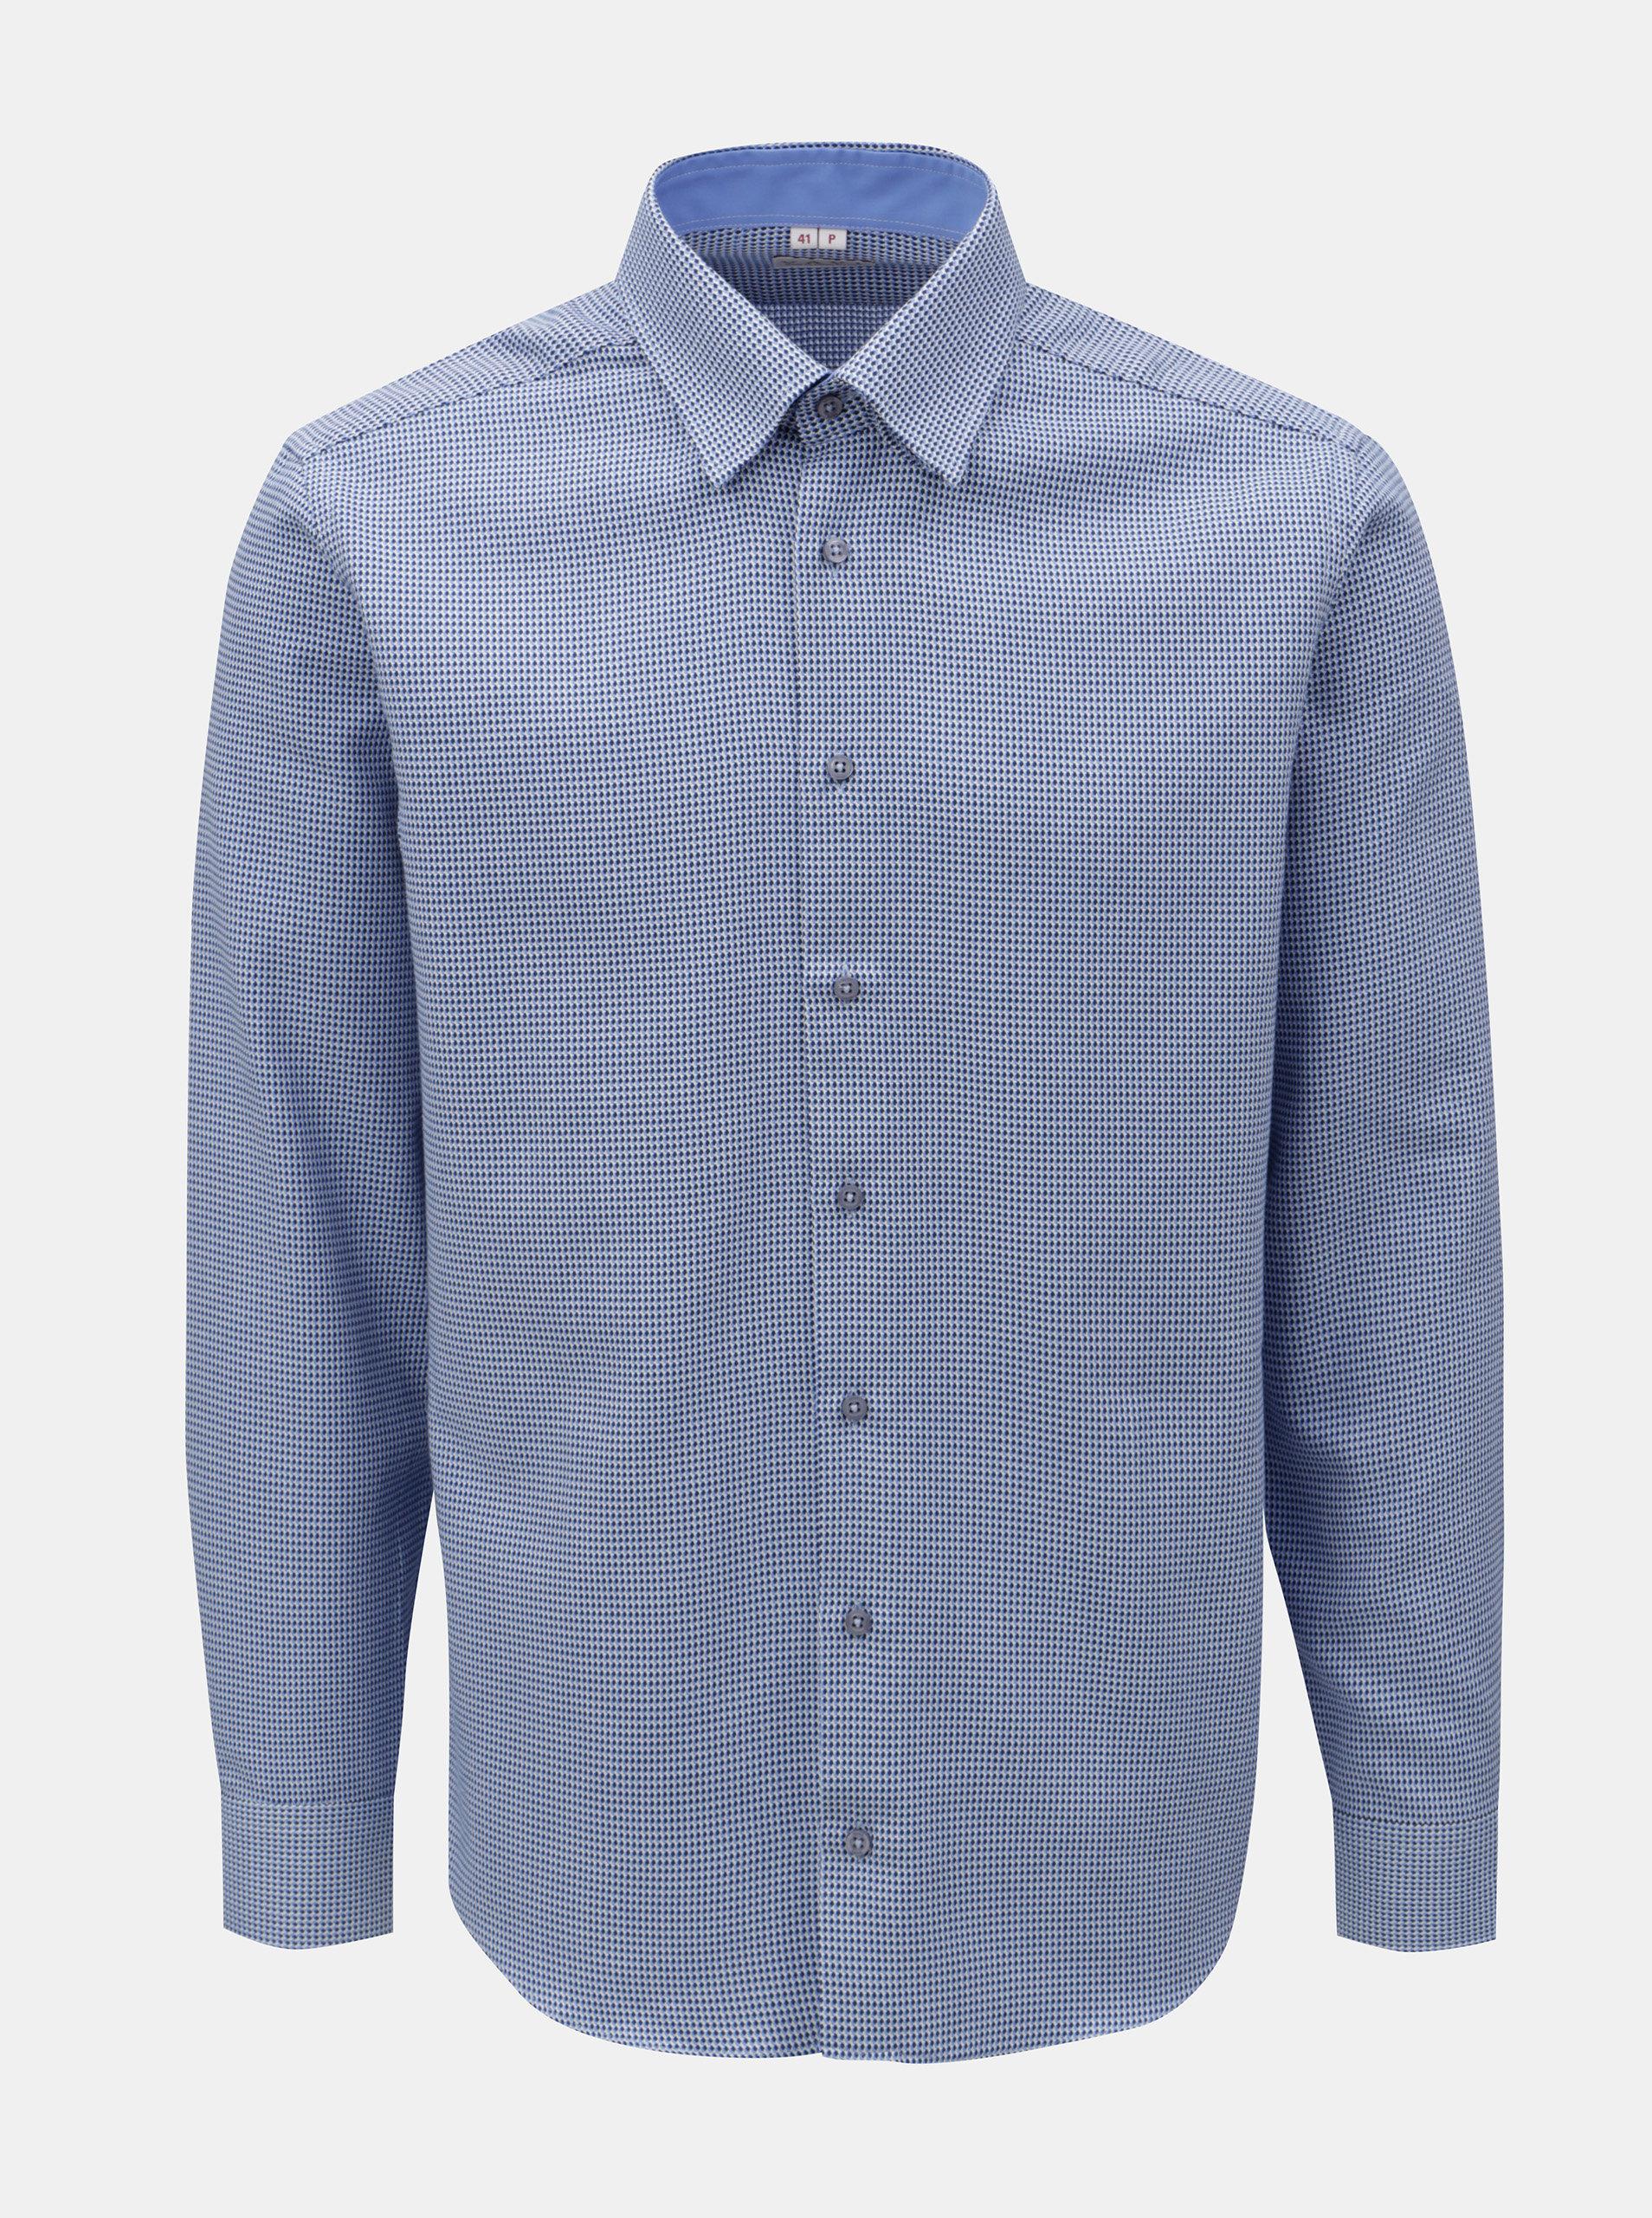 9d0c53be3 Modrá pánska vzorovaná košeľa s dlhým rukávom VAVI | ZOOT.sk